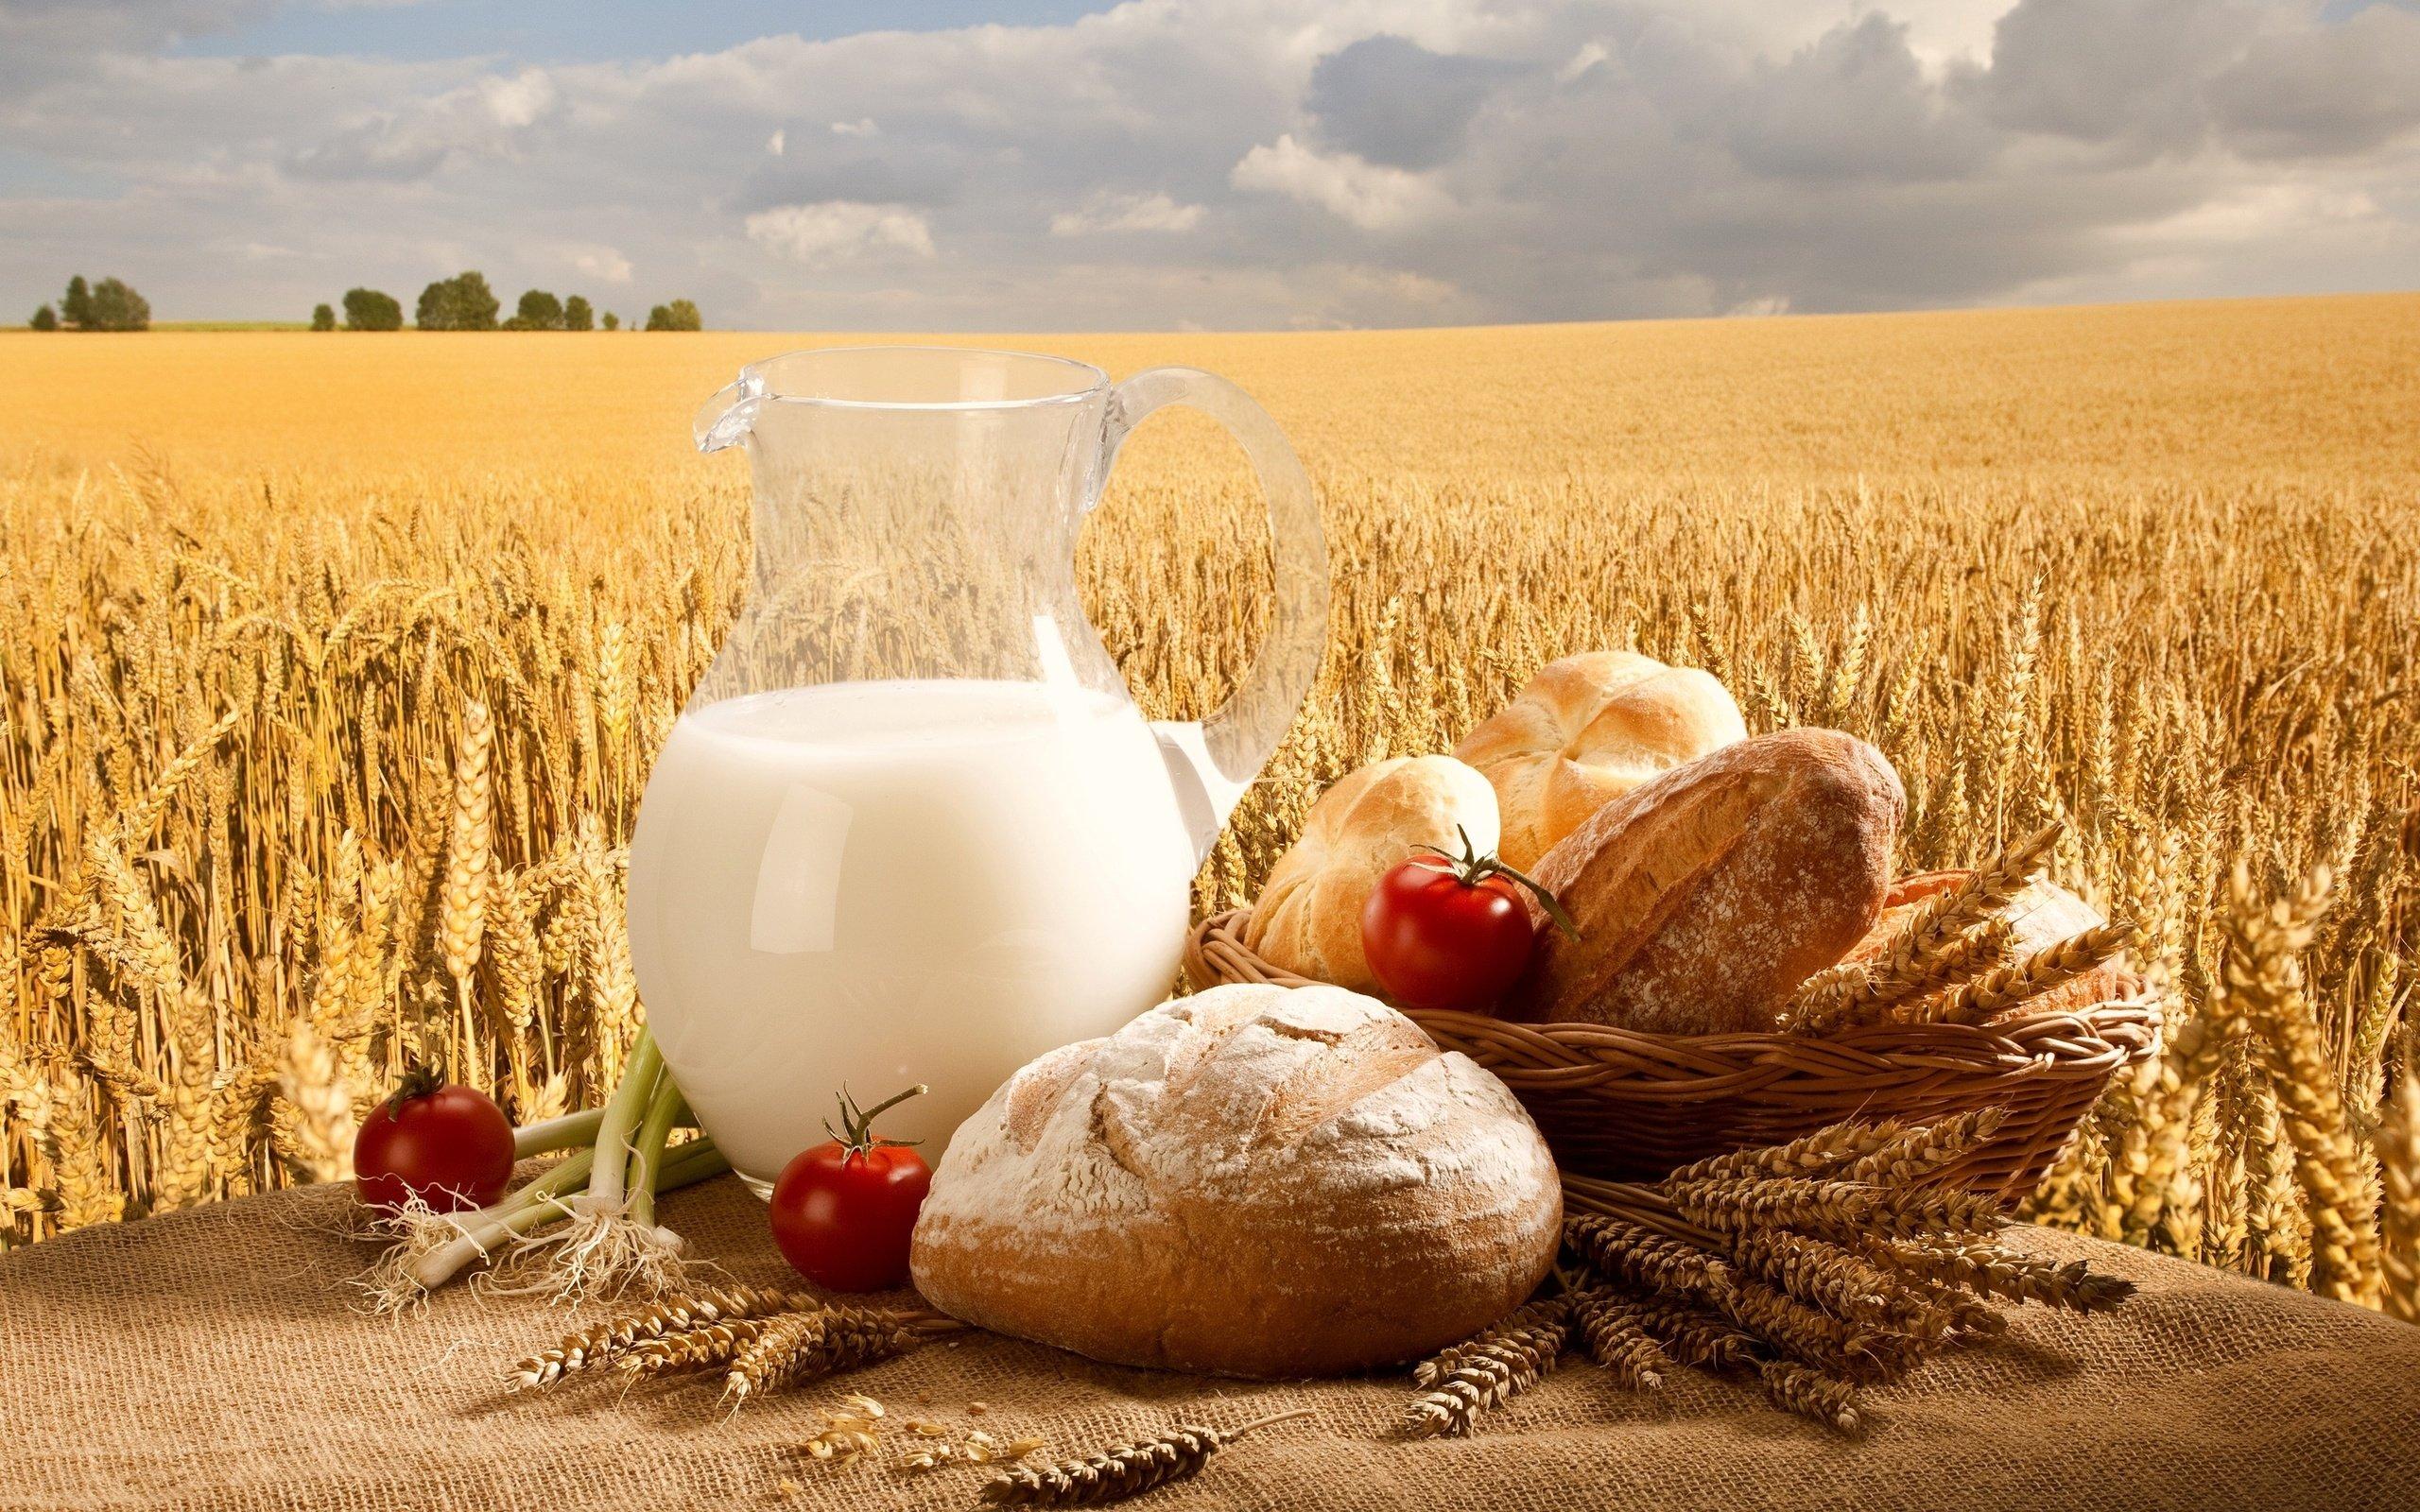 Поздравления с днем сельского хозяйства фото